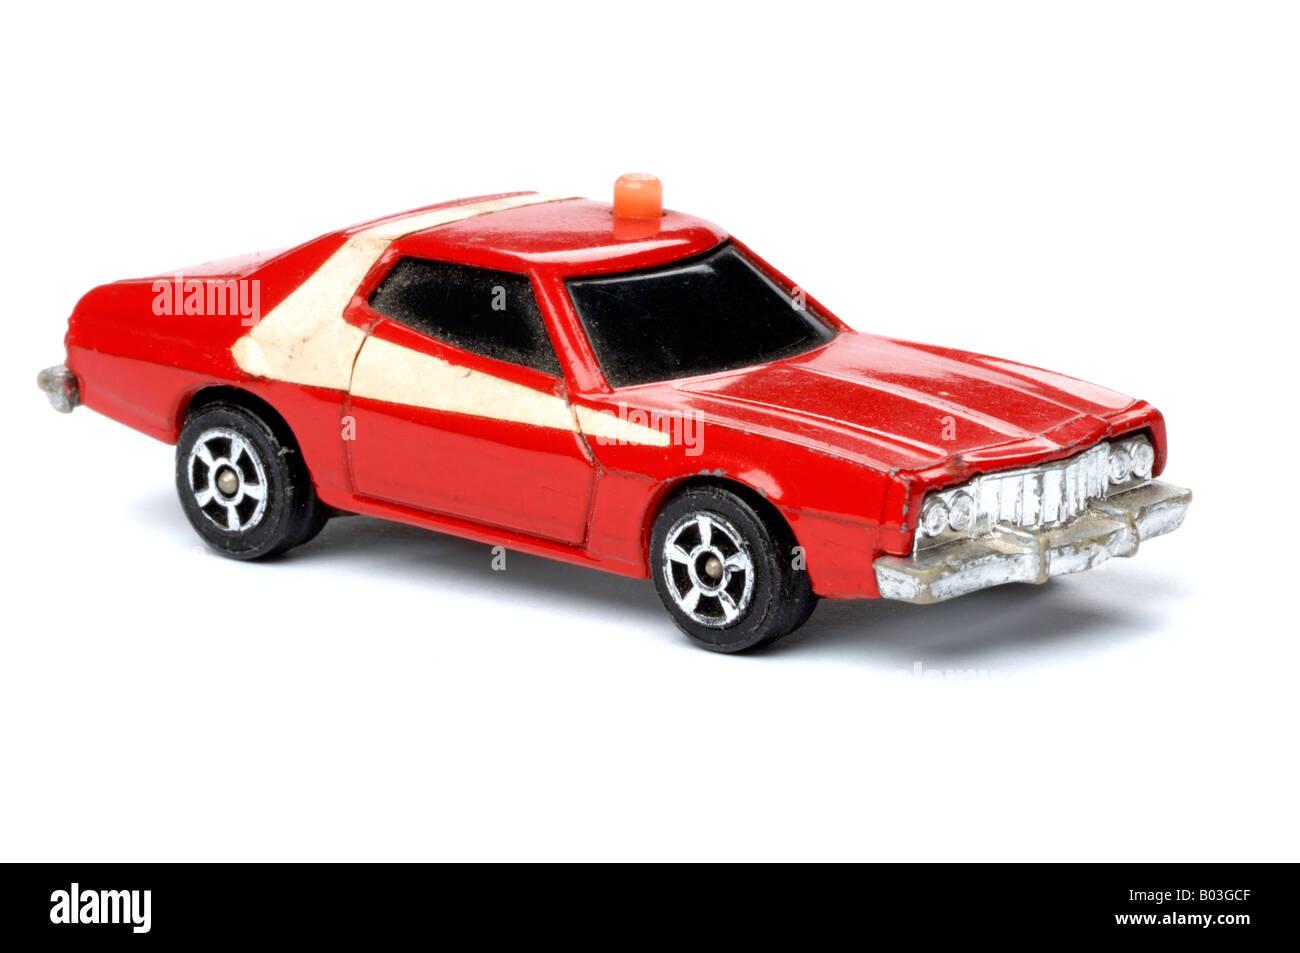 Jouet rétro voiture Starsky et Hutch Photo Stock